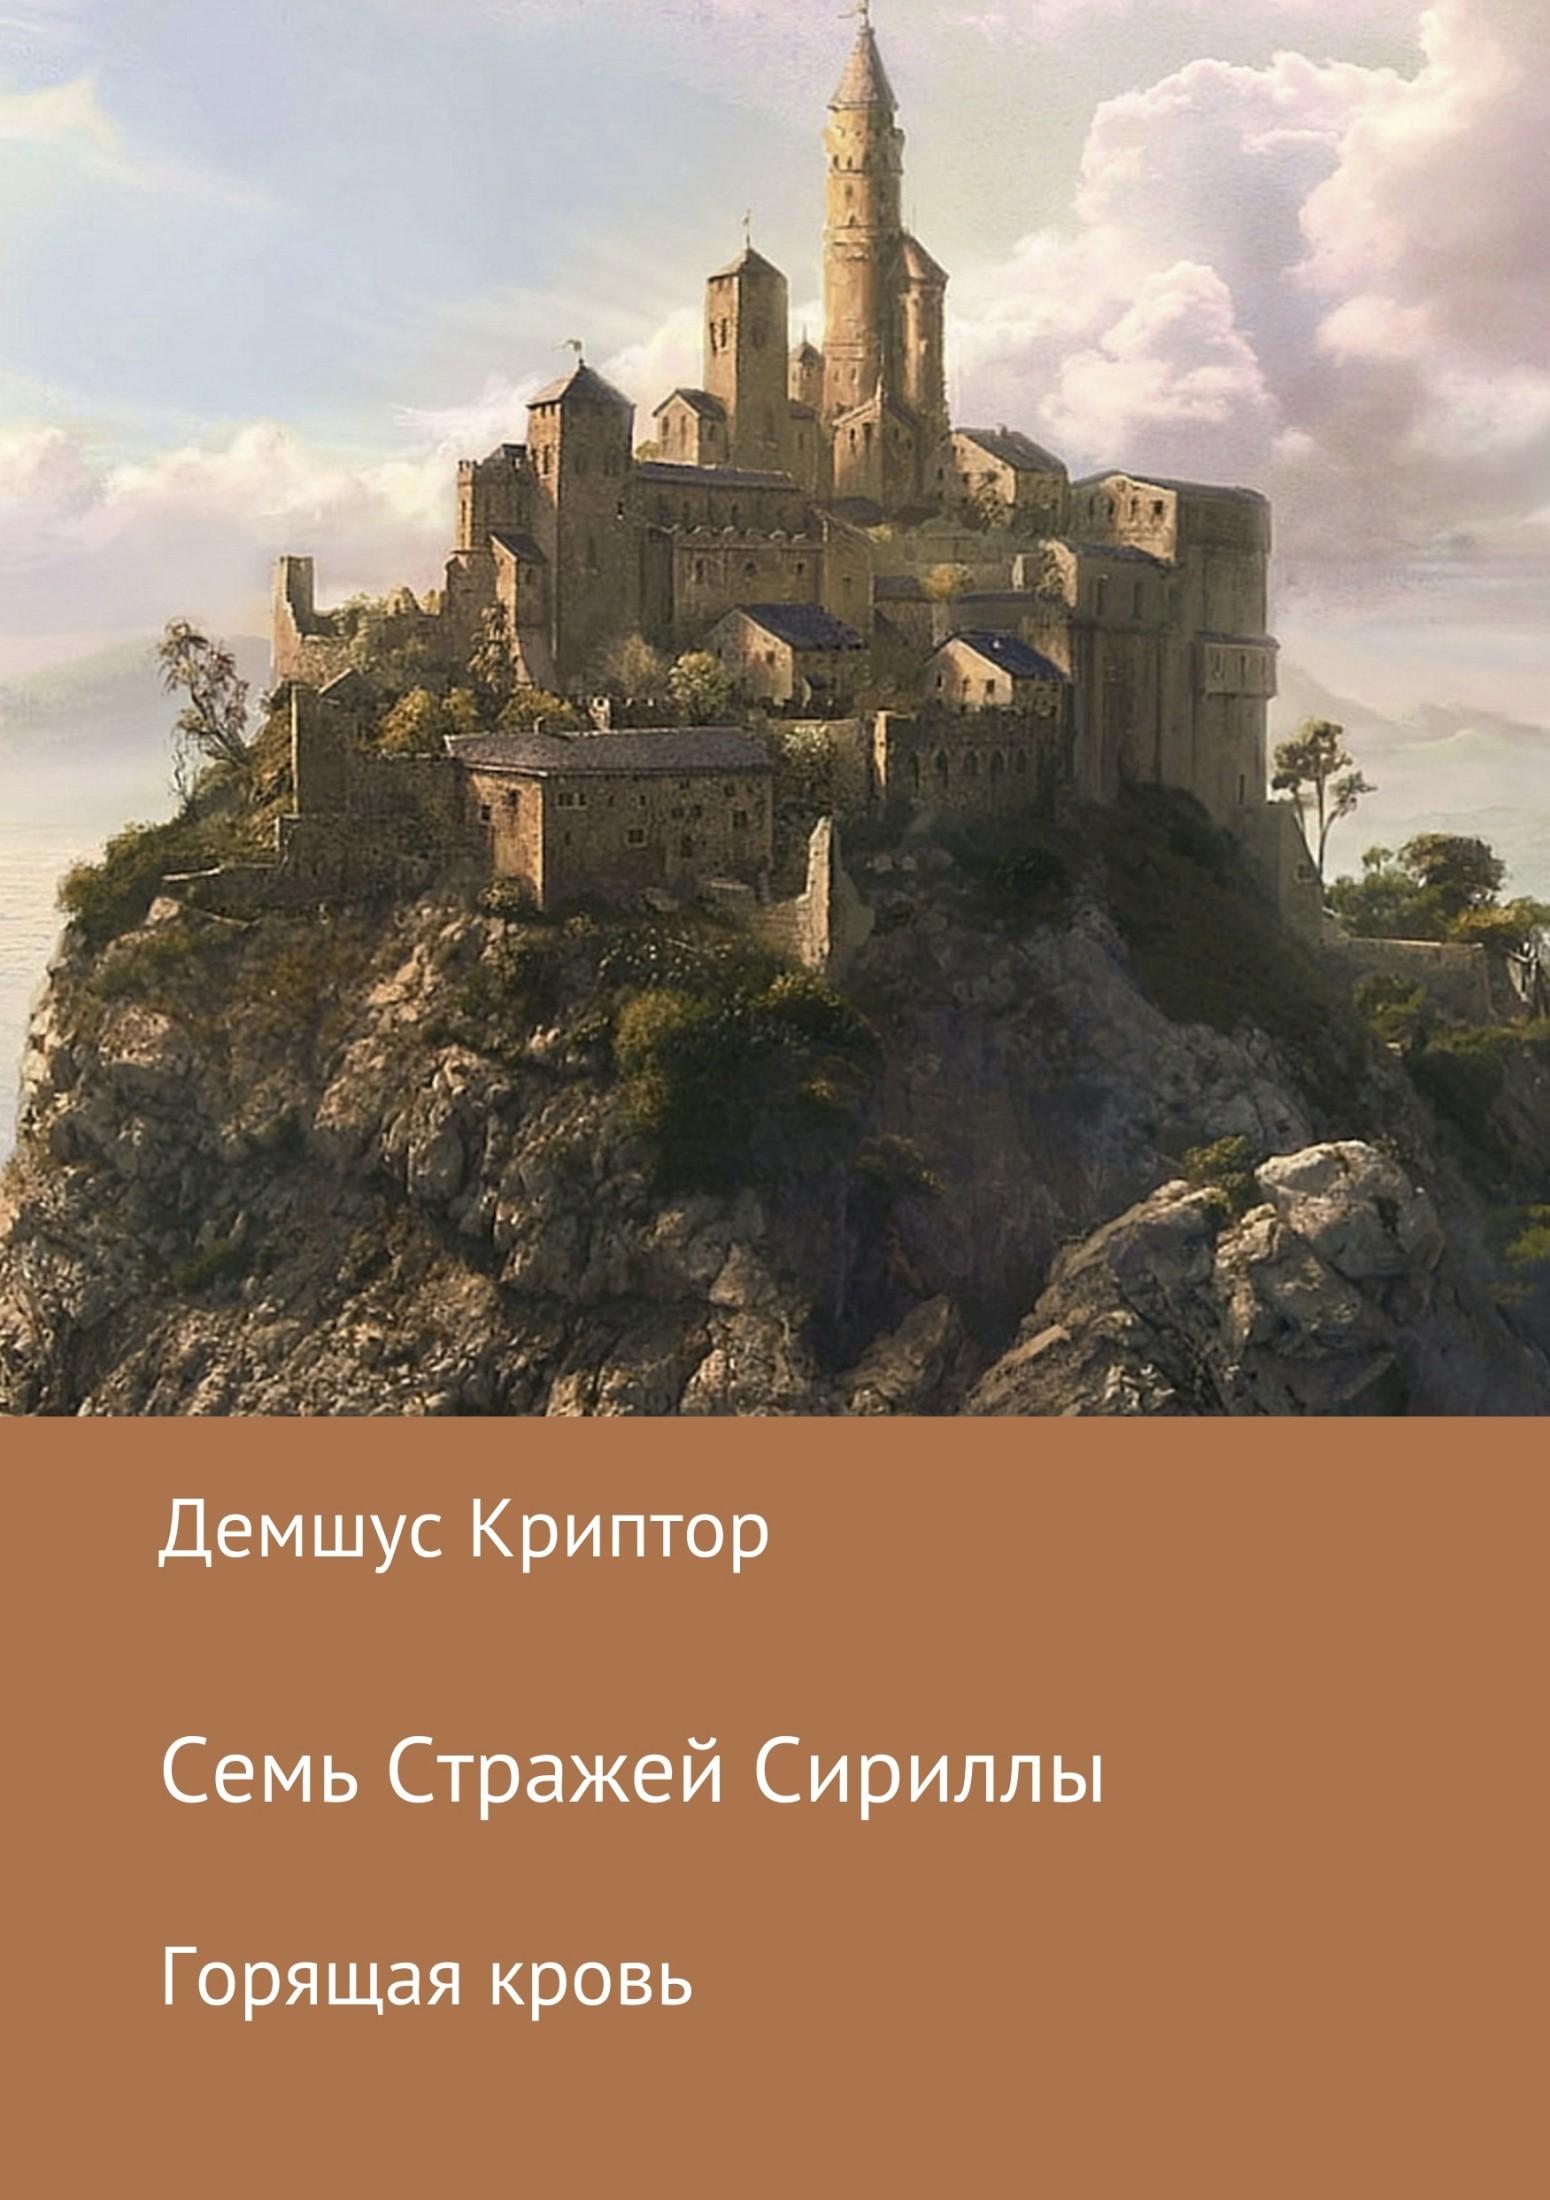 Демшус Криптор - Семь стражей Сириллы. Горящая кровь